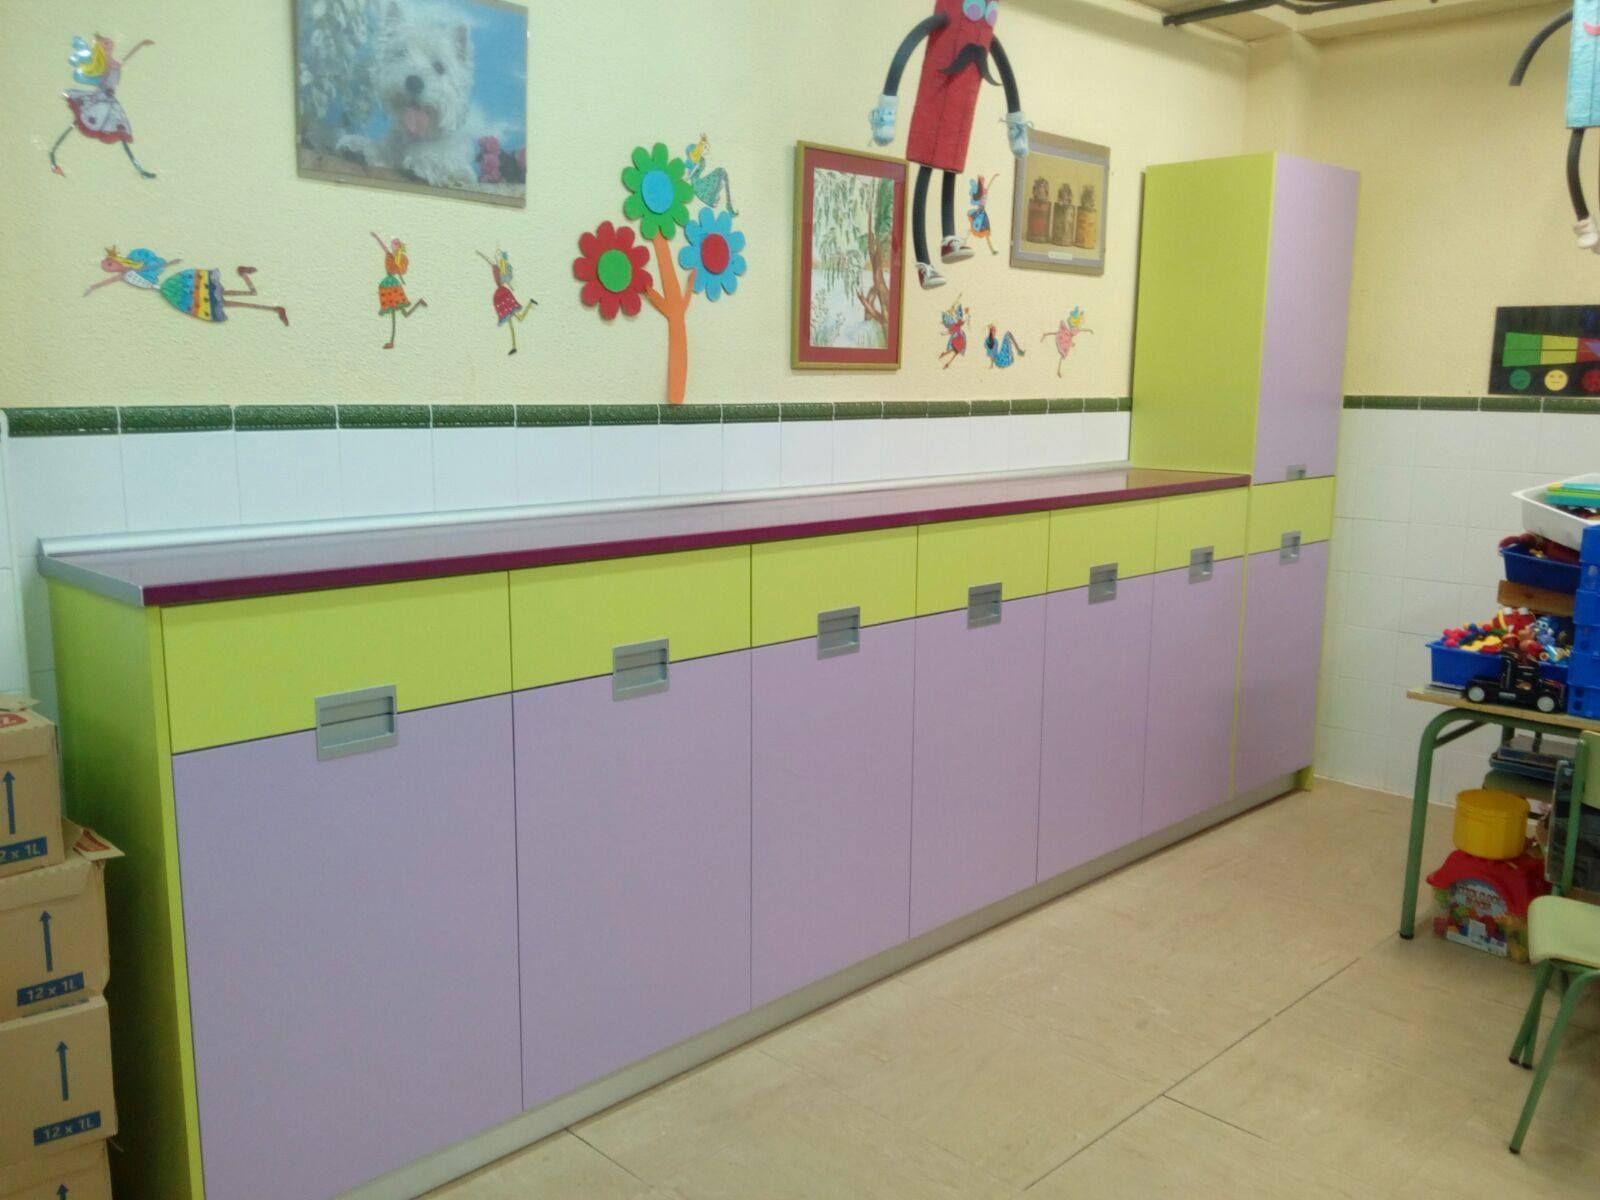 Mobiliario a medida para comedor escolar con cajones y bisagras de ...